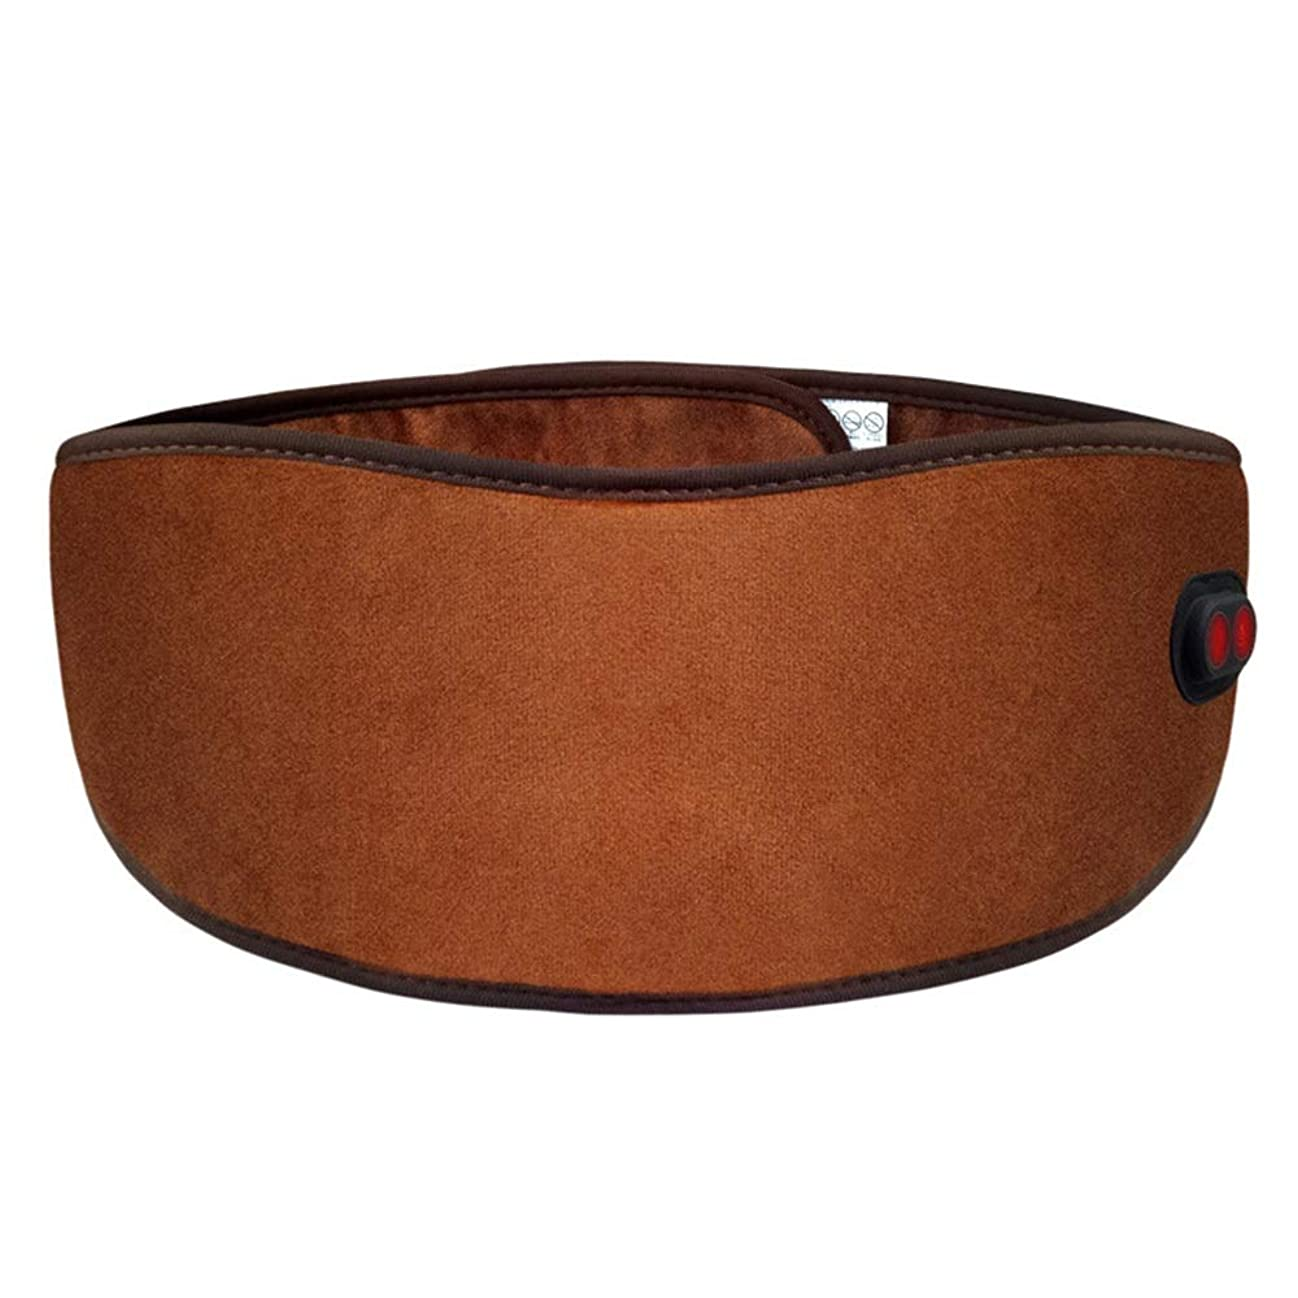 着る修正生む腰関節炎腹部の痛みを軽減するためにウエストマッサージベルト腰椎ヒートベルトラップで振動を加熱すると、男性と女性にフィット 腰痛保護バンド (色 : 褐色, サイズ : Free size)